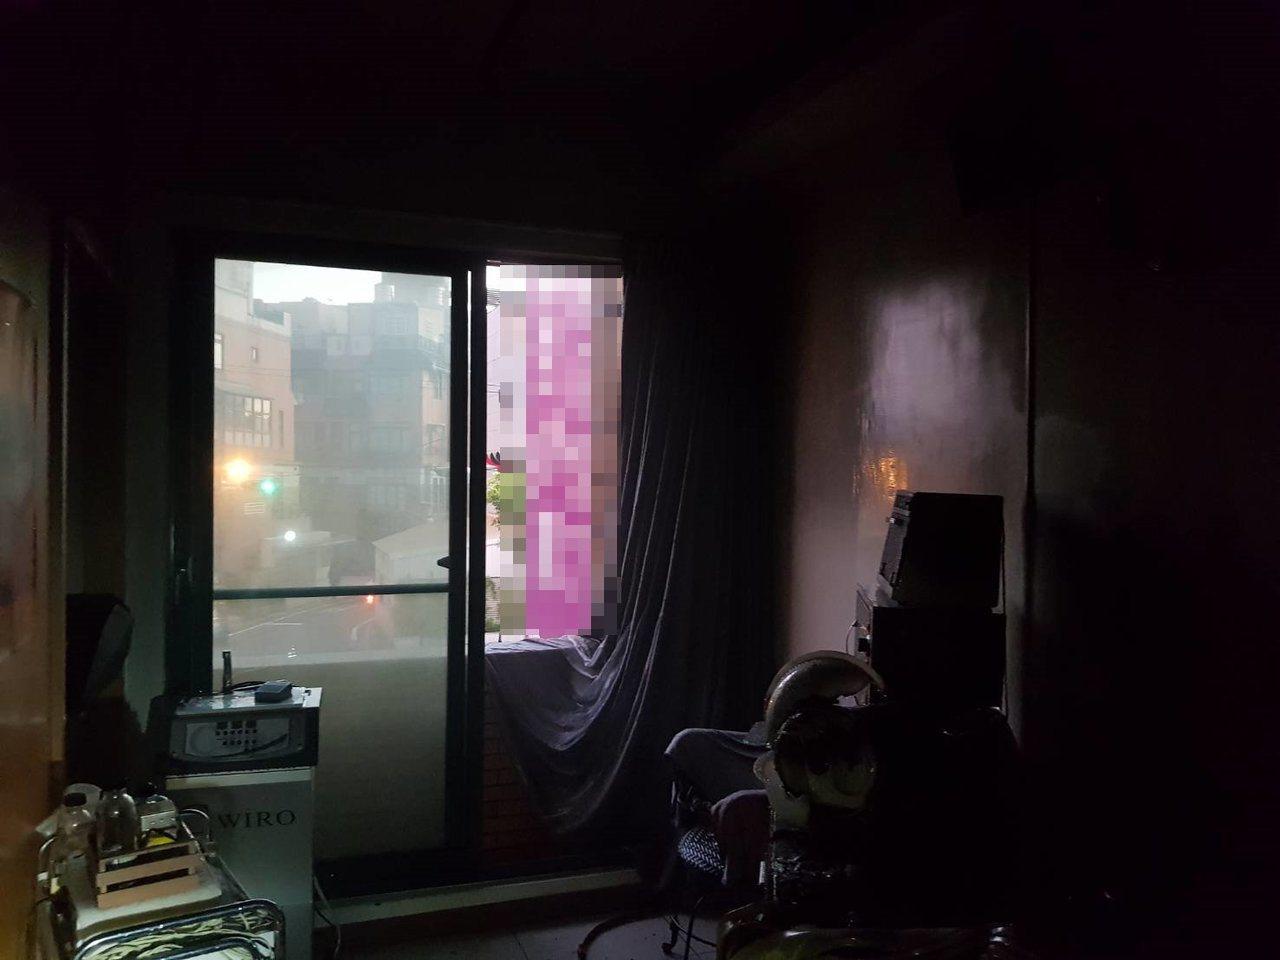 苗栗縣竹南鎮環市路一段1幢4樓住宅下午近5點時傳出火警,疑因冷氣故障引發火勢,原...